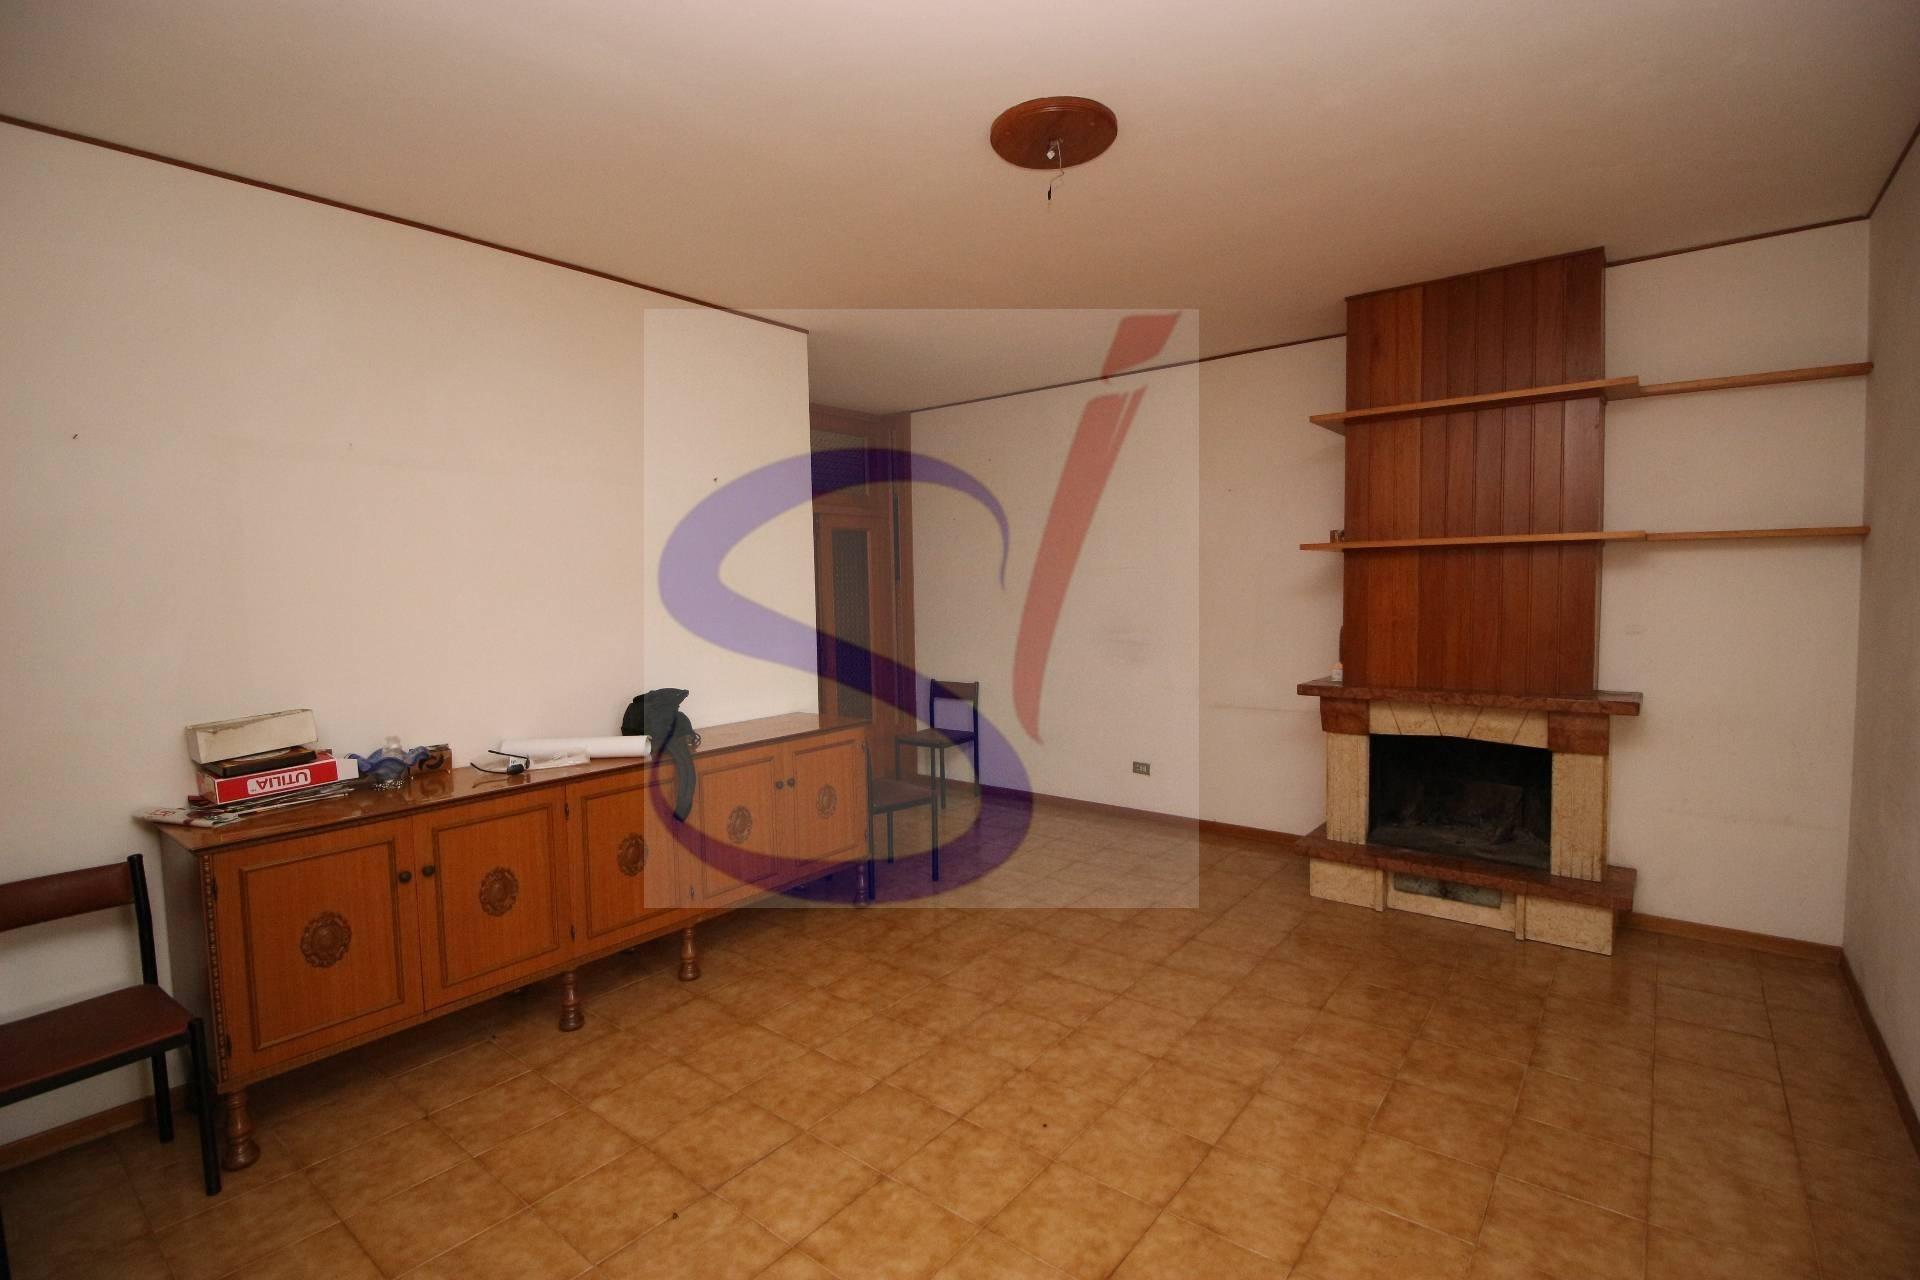 Appartamento in vendita a Sant'Omero, 4 locali, zona Località: Garrufo, prezzo € 58.000 | PortaleAgenzieImmobiliari.it